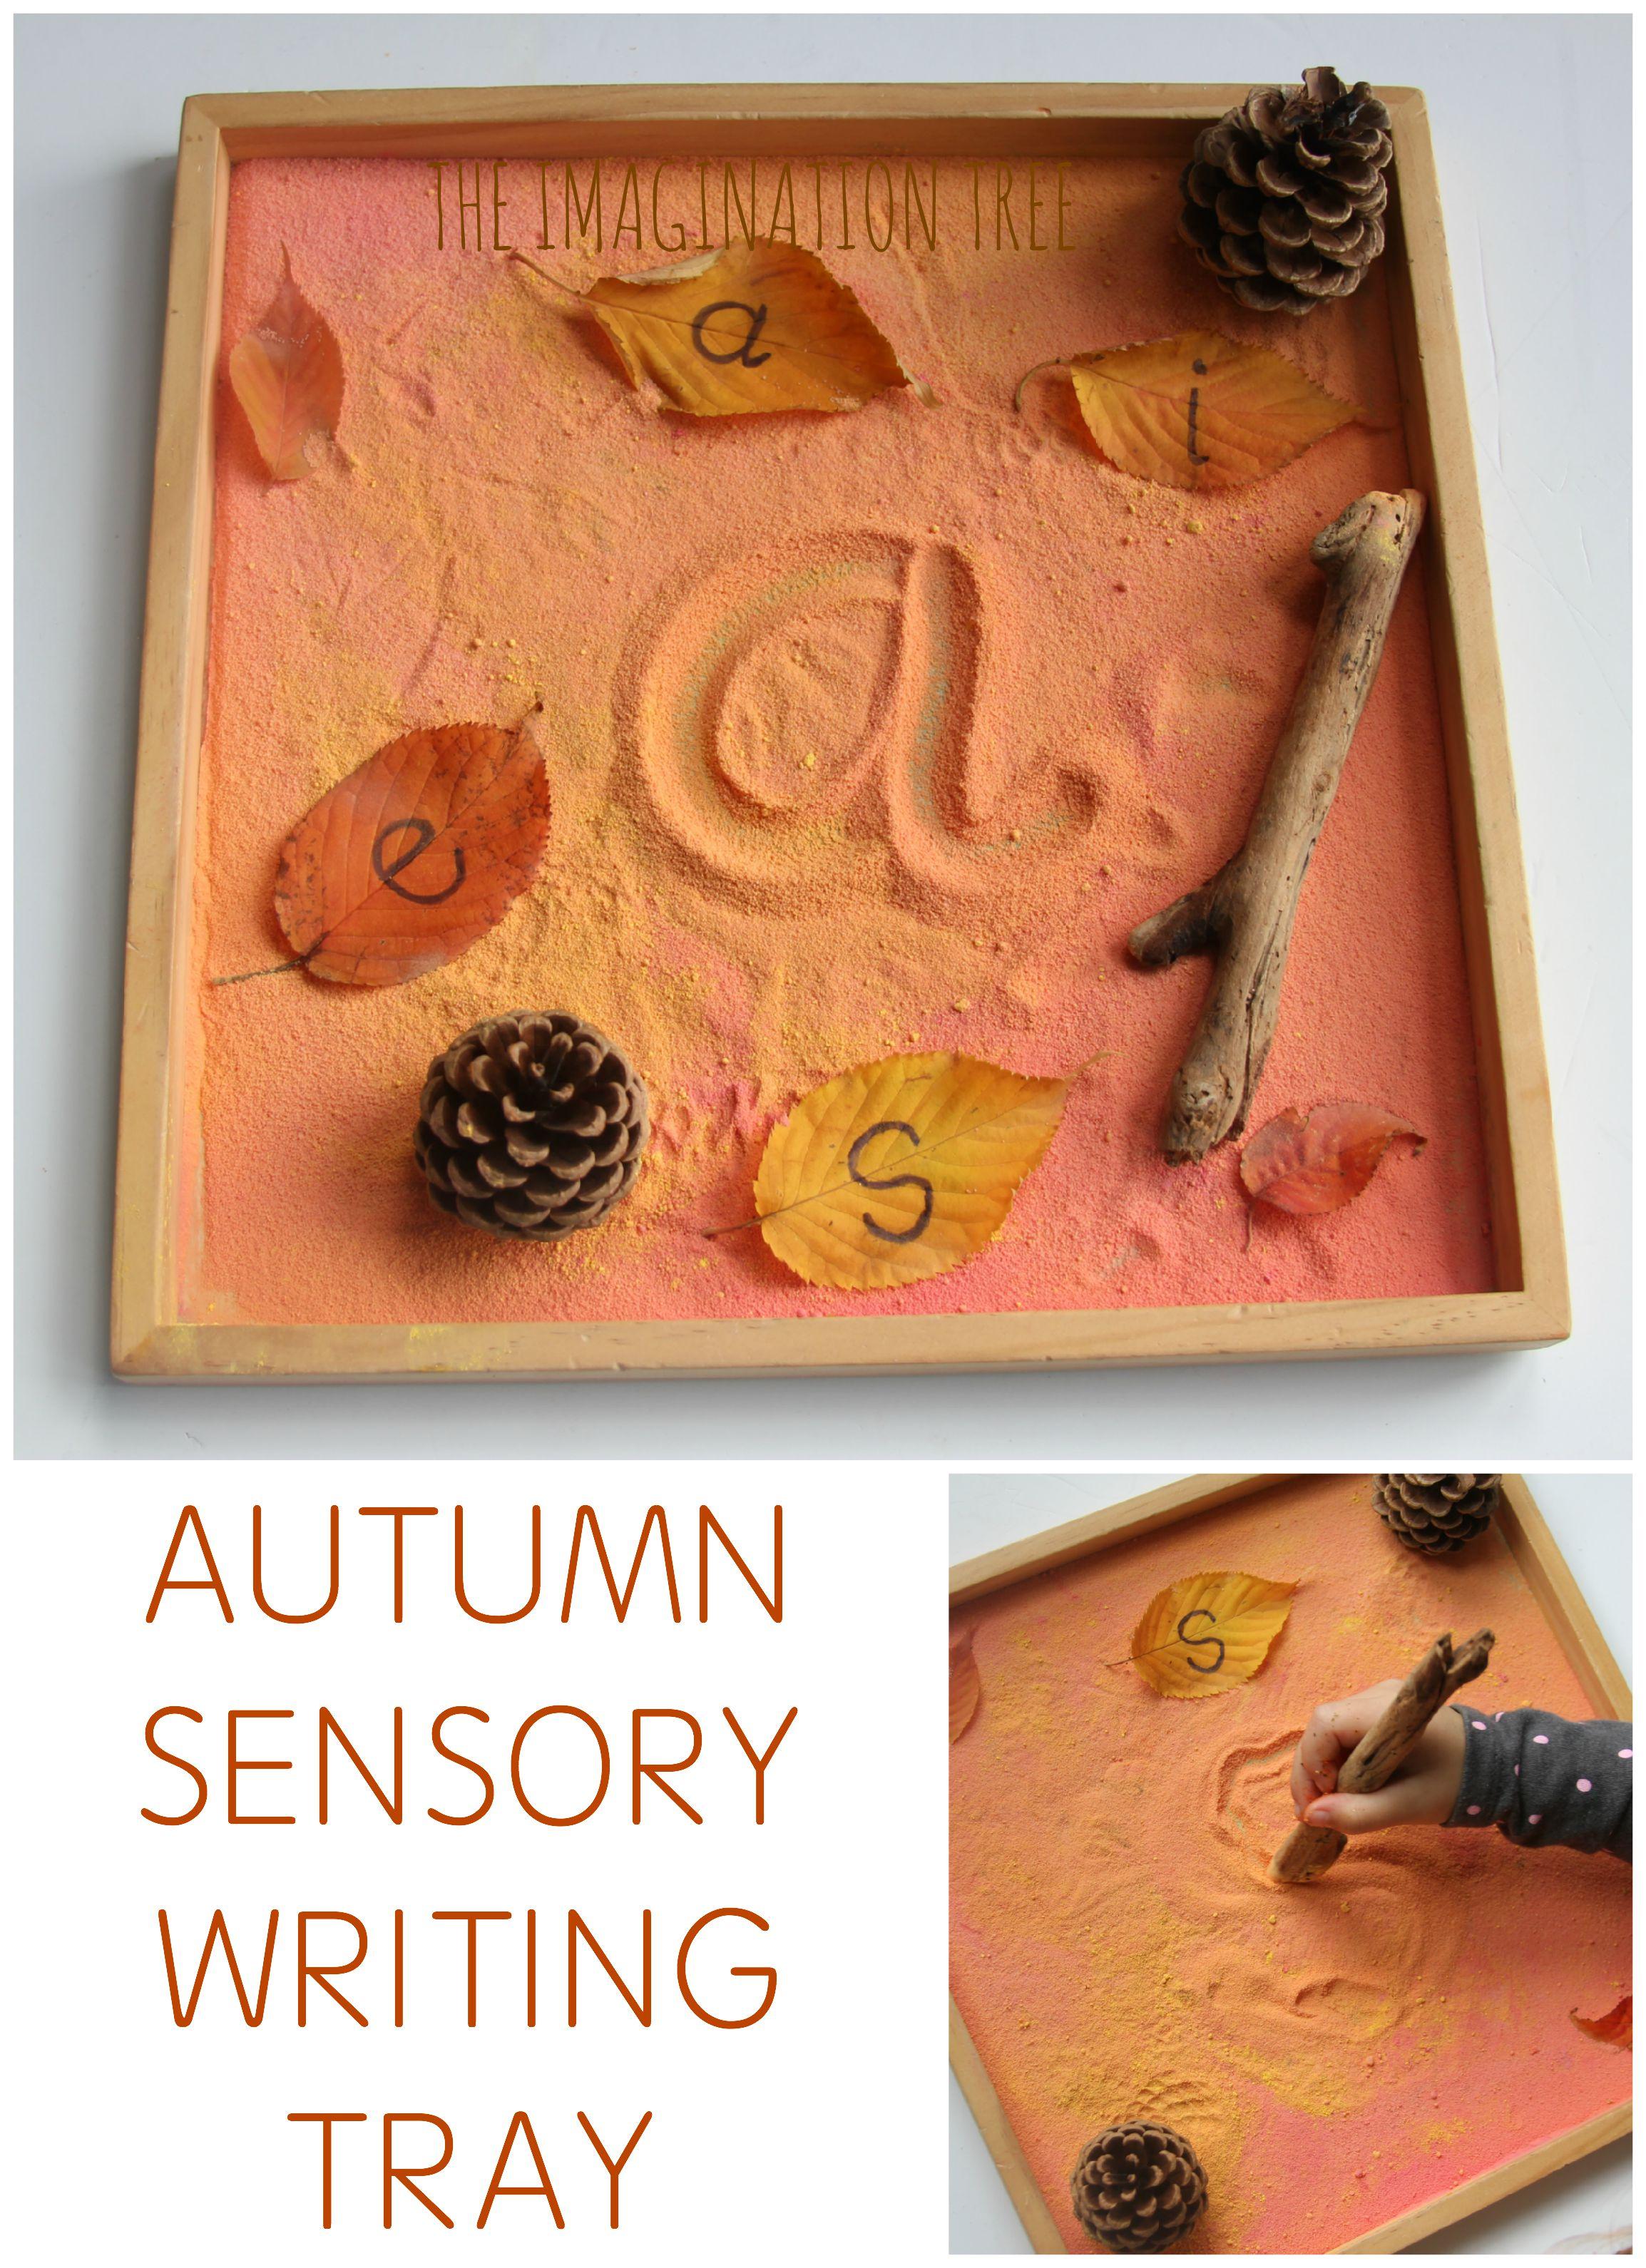 Autumn Sensory Writing Tray - The Imagination Tree